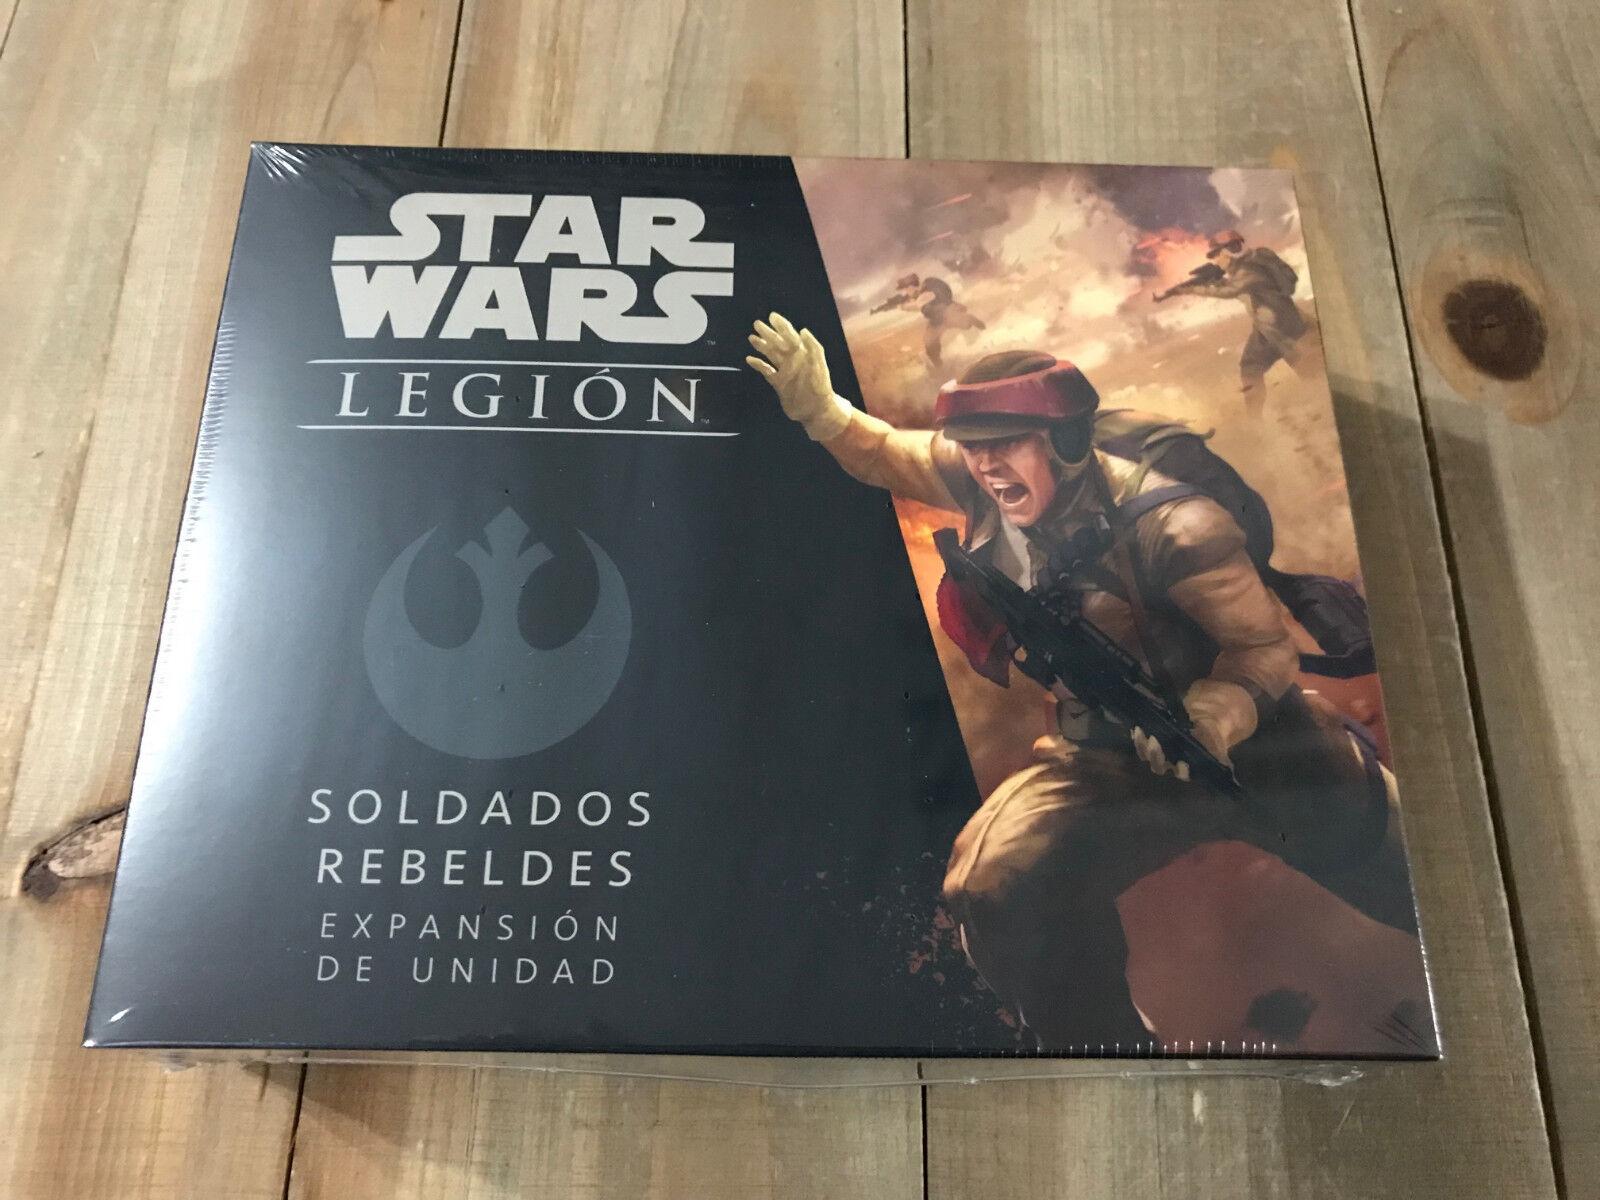 Star - wars - legion - soldaten rebeldes - - - miniaturen - versiegelt - ffg 3a0ae3